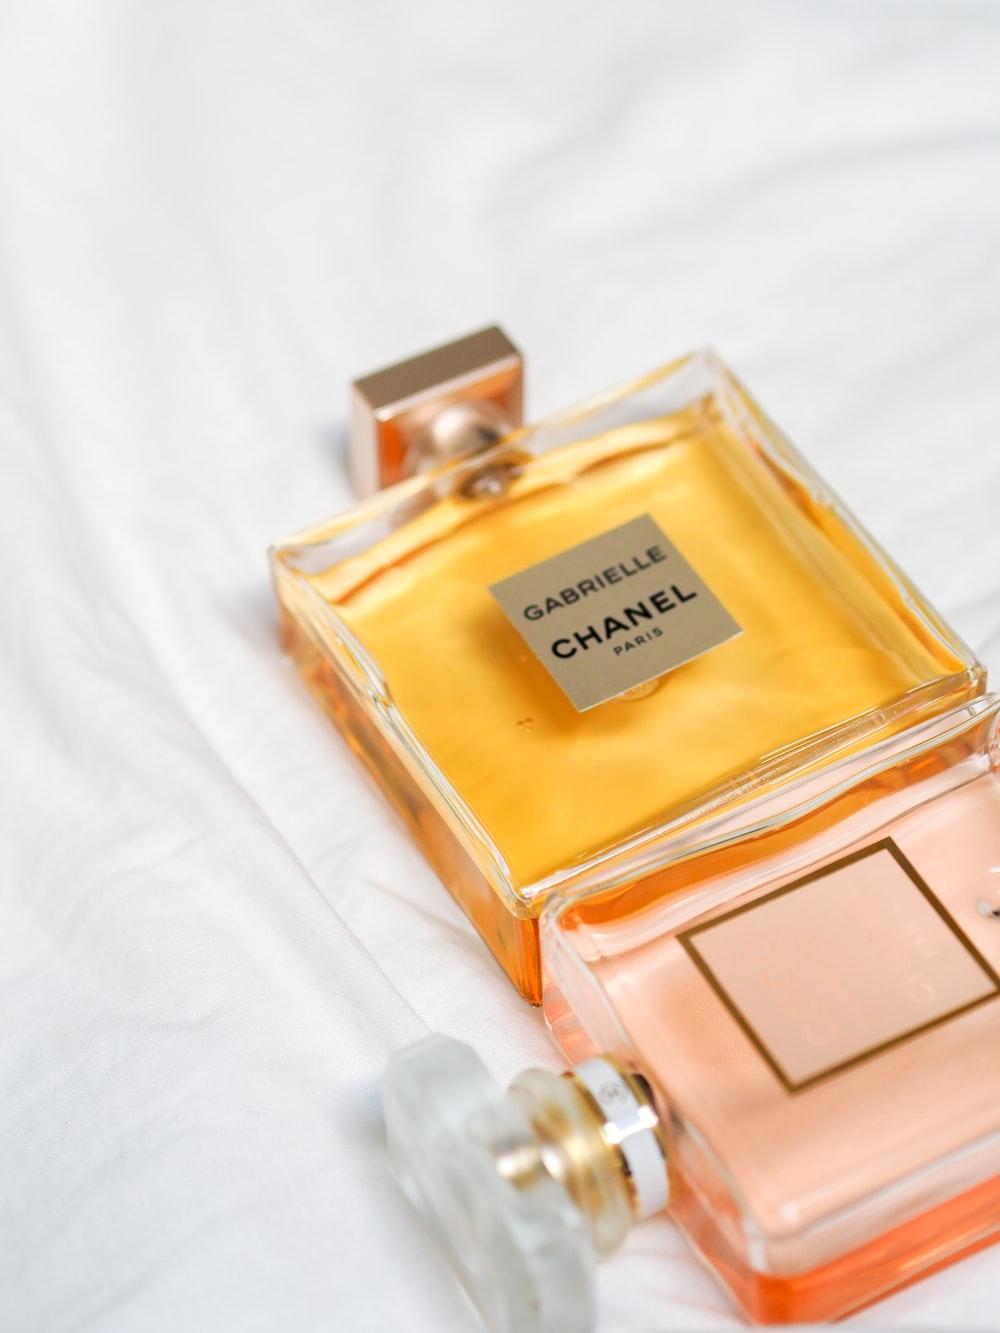 gold perfume bottle on white textile